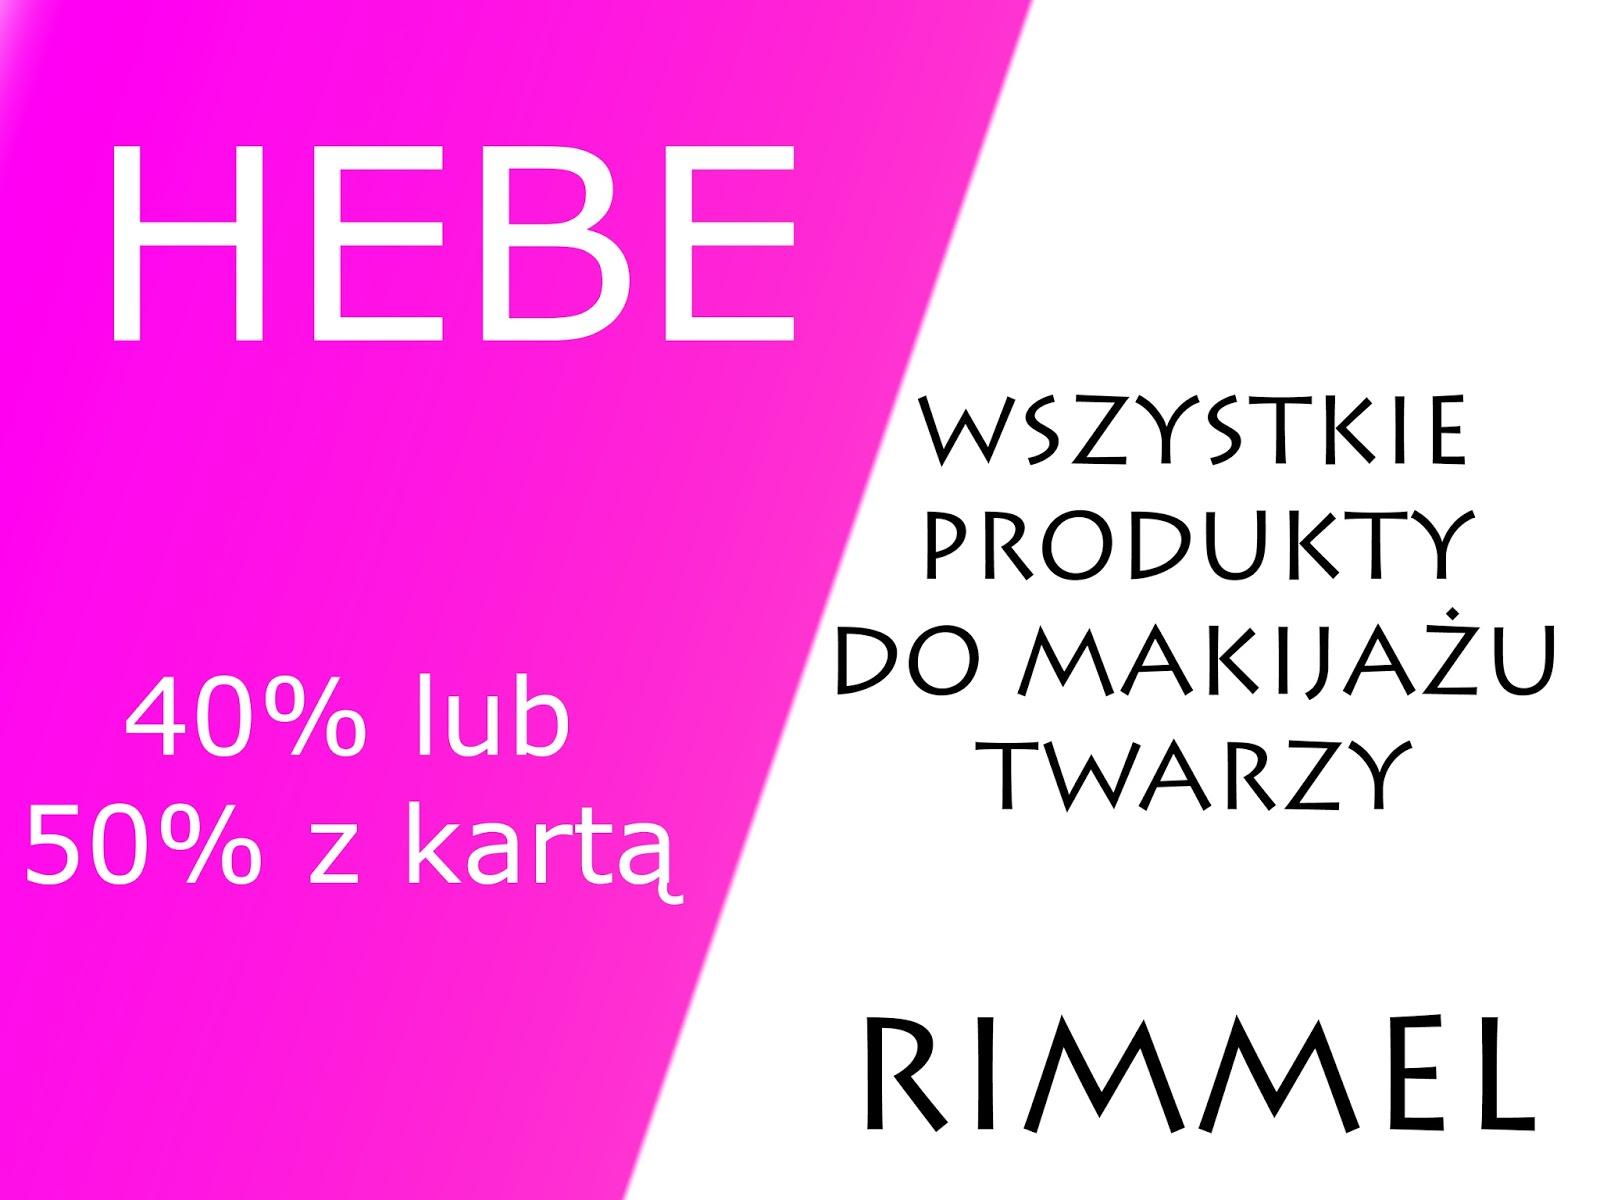 Promocja HEBE - produkty do makijażu RIMMEL aż 40% (z kartą 50%)